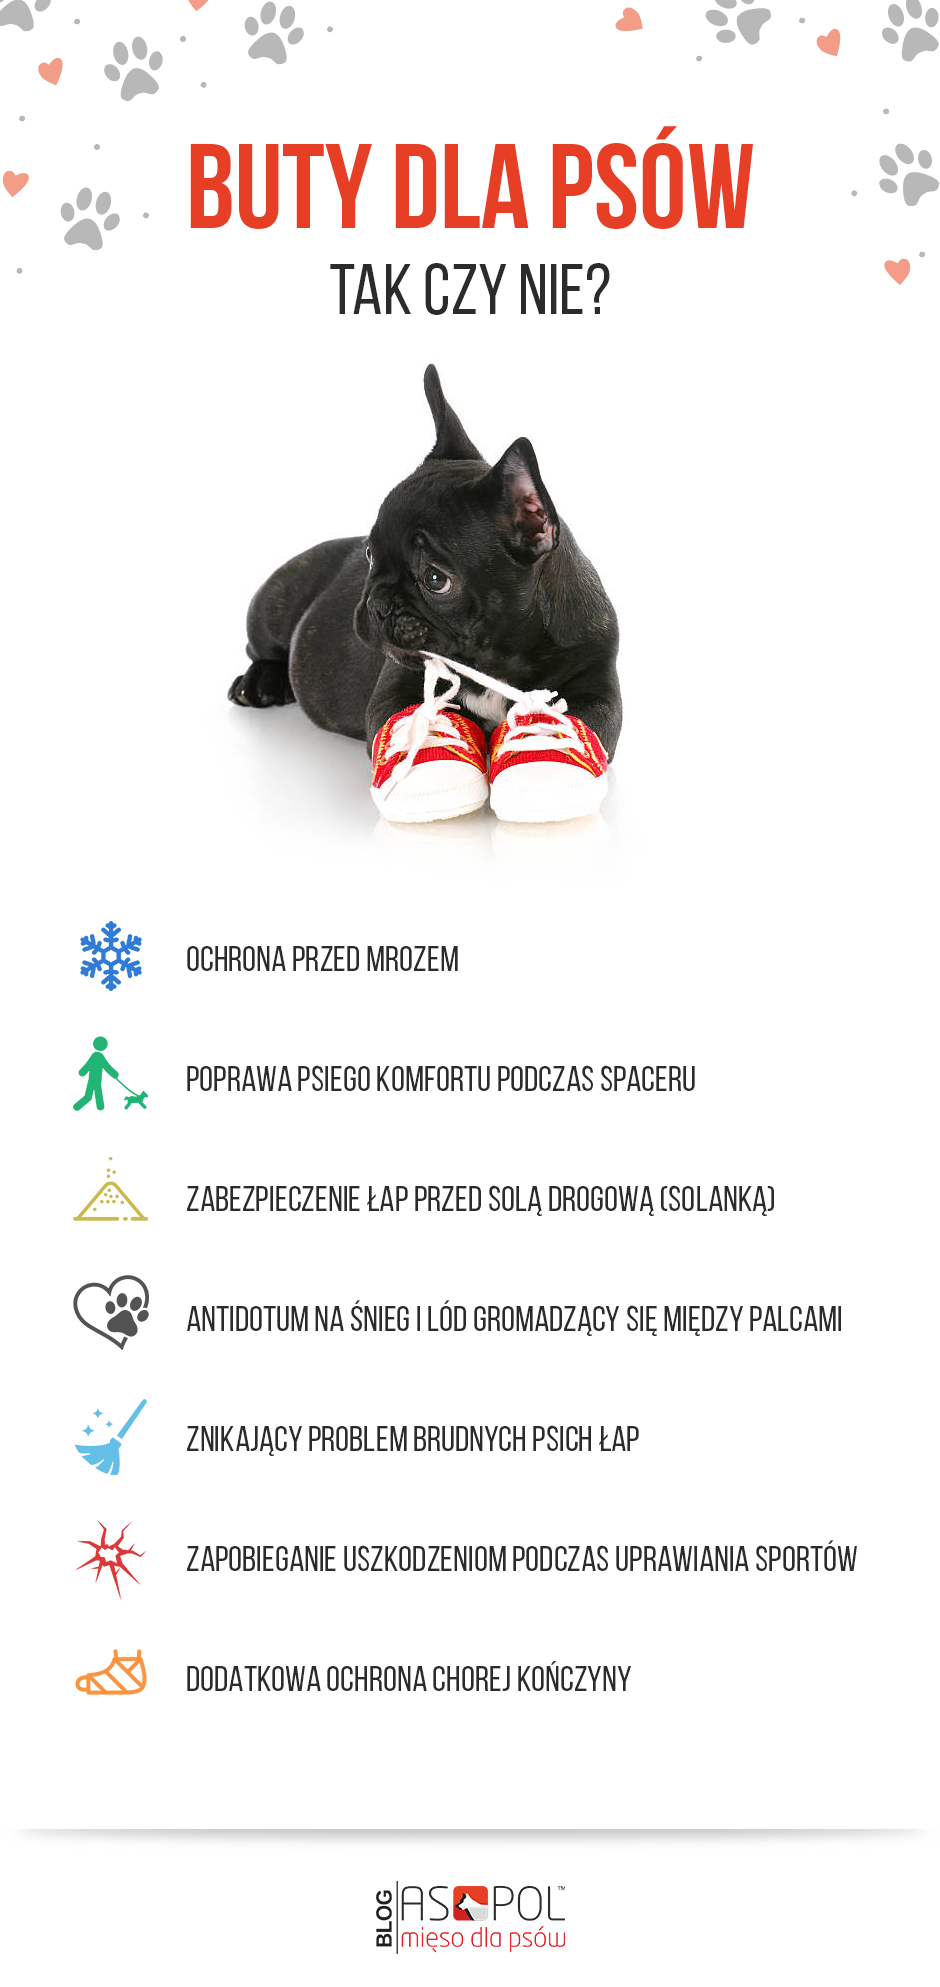 Pies w butach, zalety obuwia dla psów, infografika.